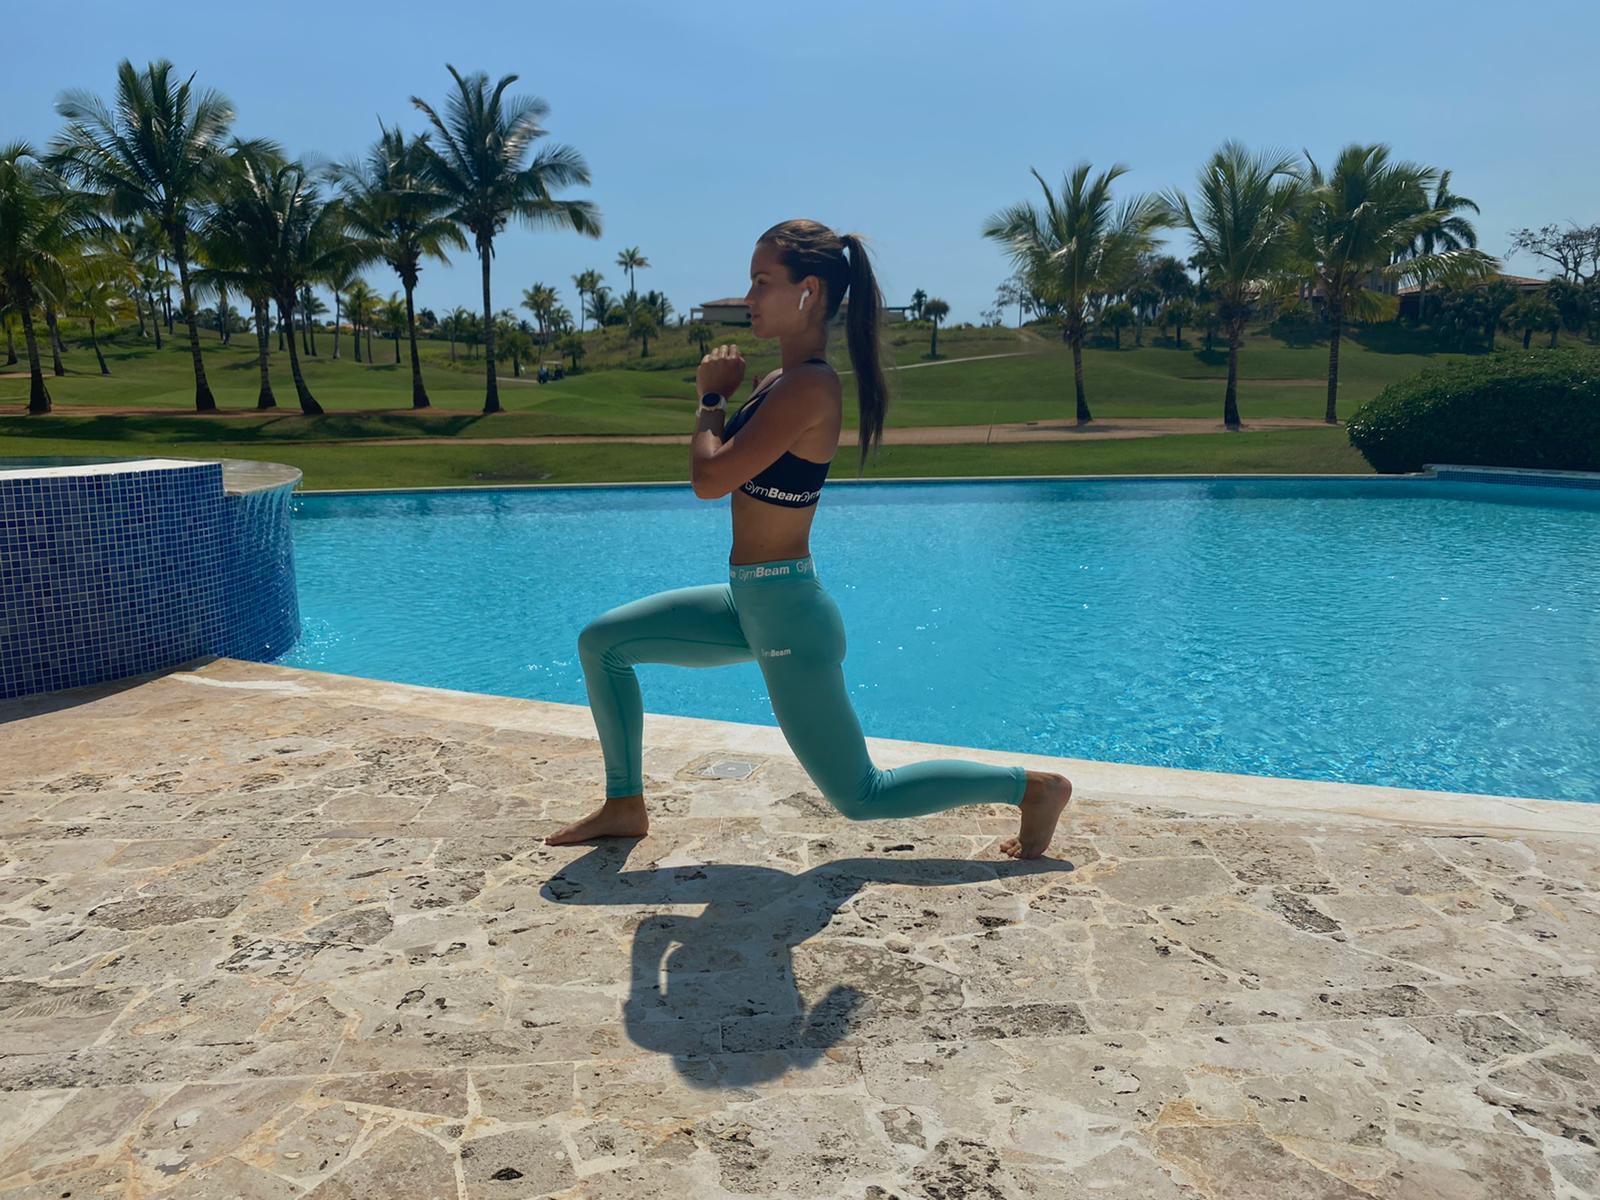 Exerciții cu propria greutate - fandări